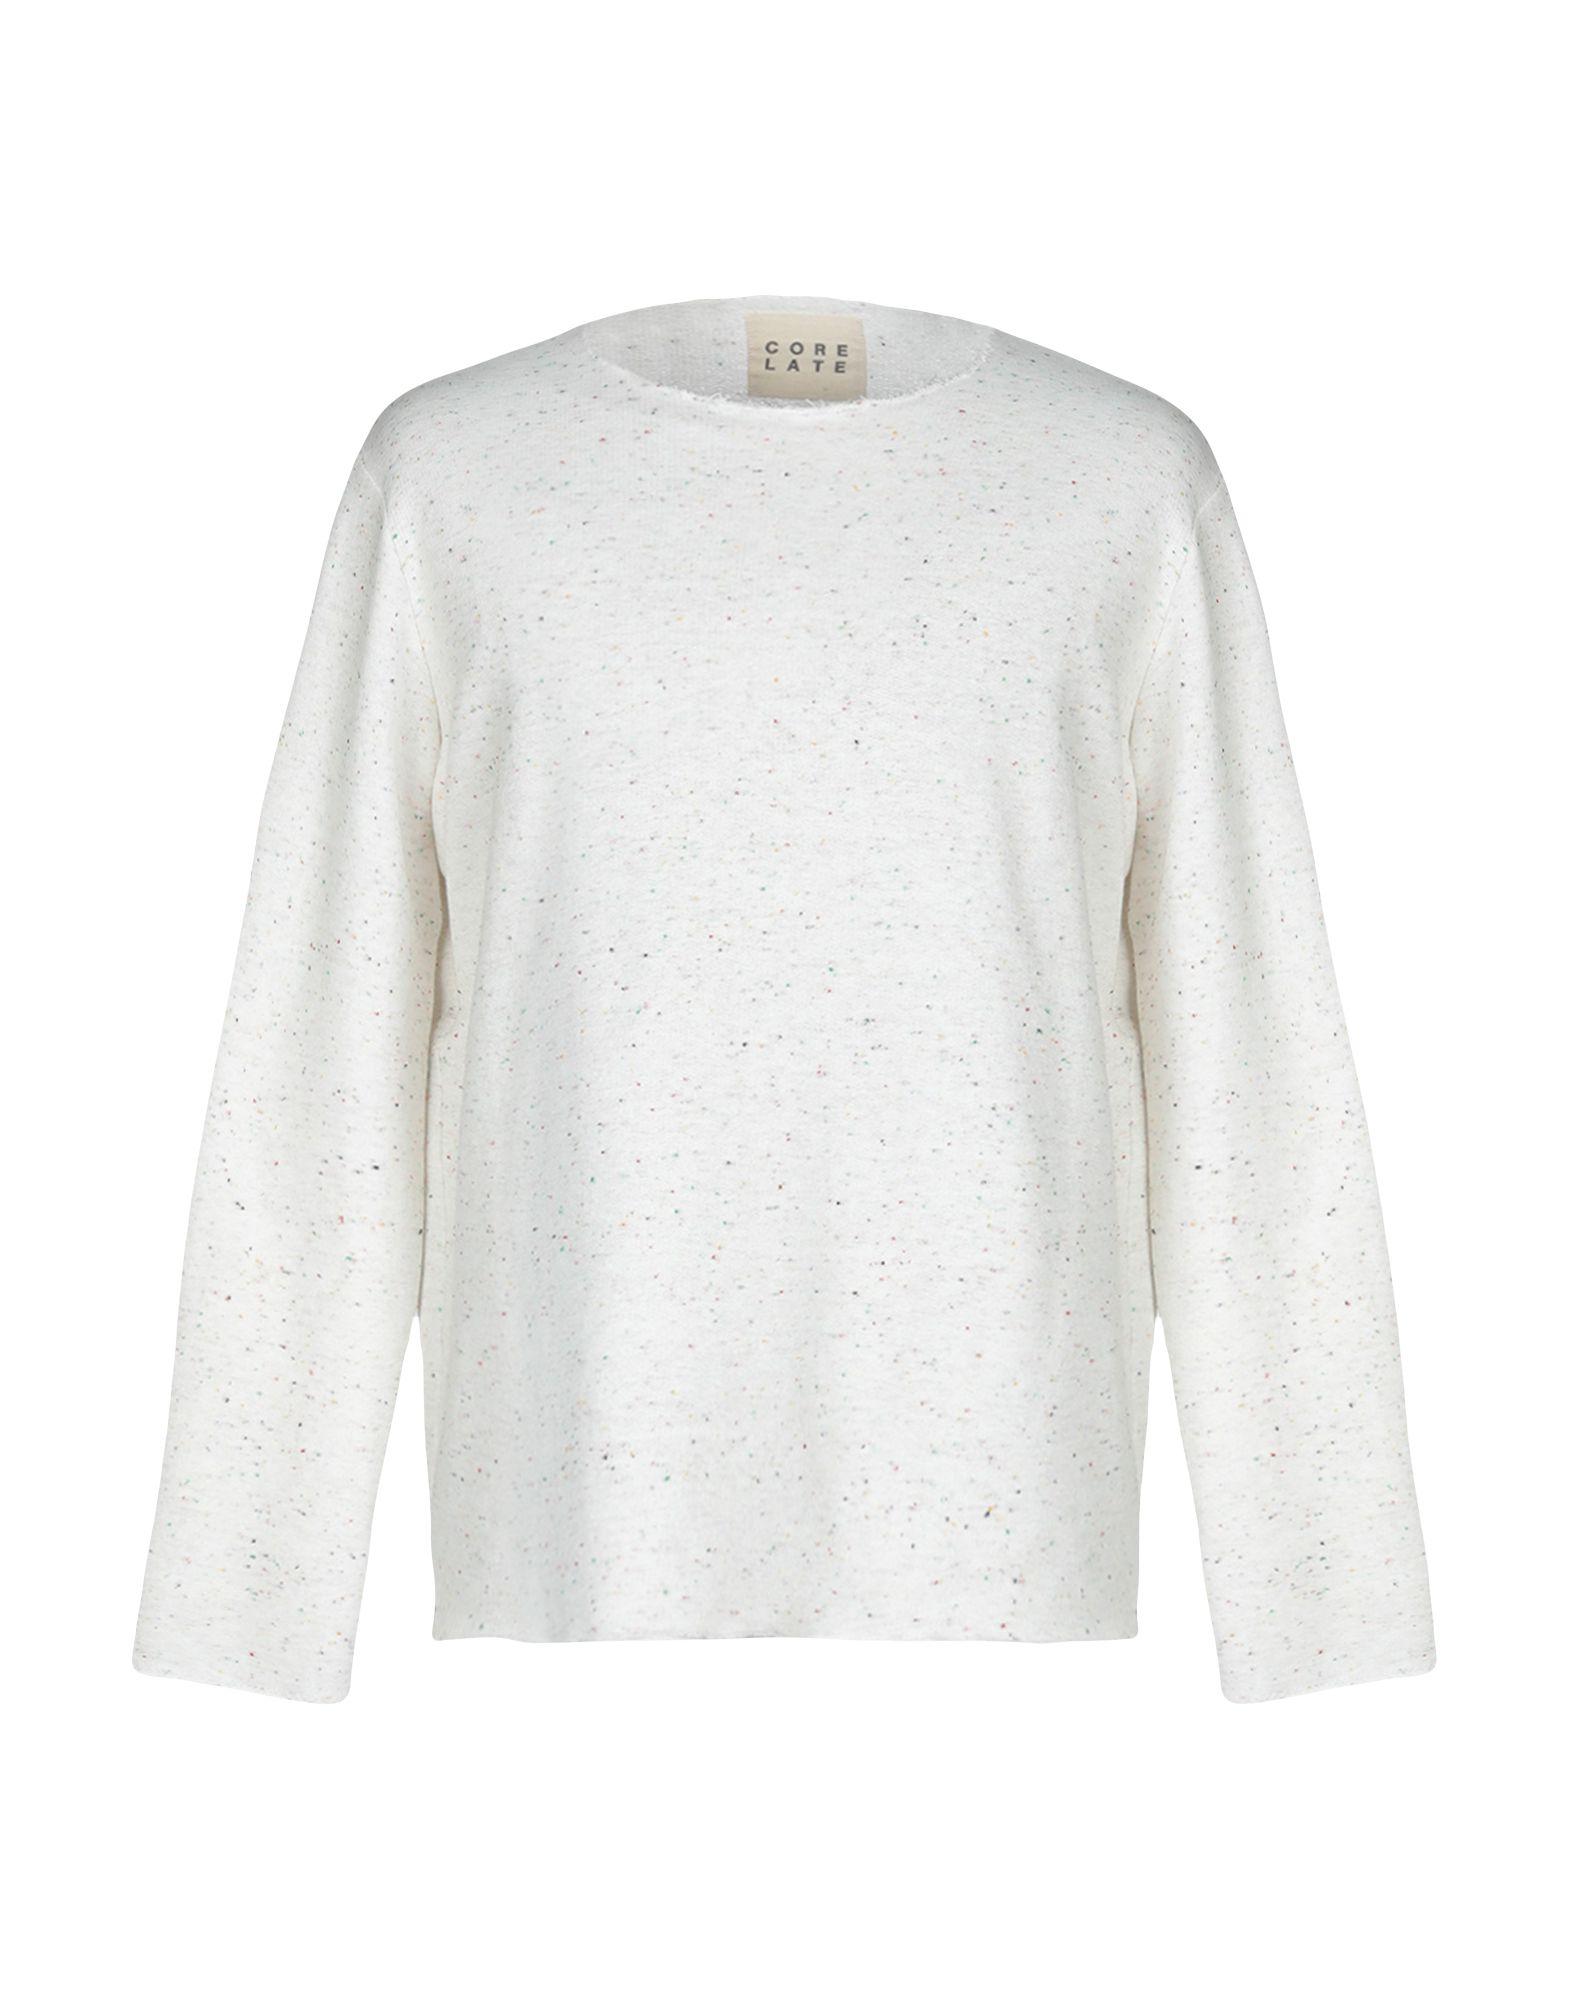 《送料無料》CORELATE メンズ スウェットシャツ ホワイト S コットン 100%